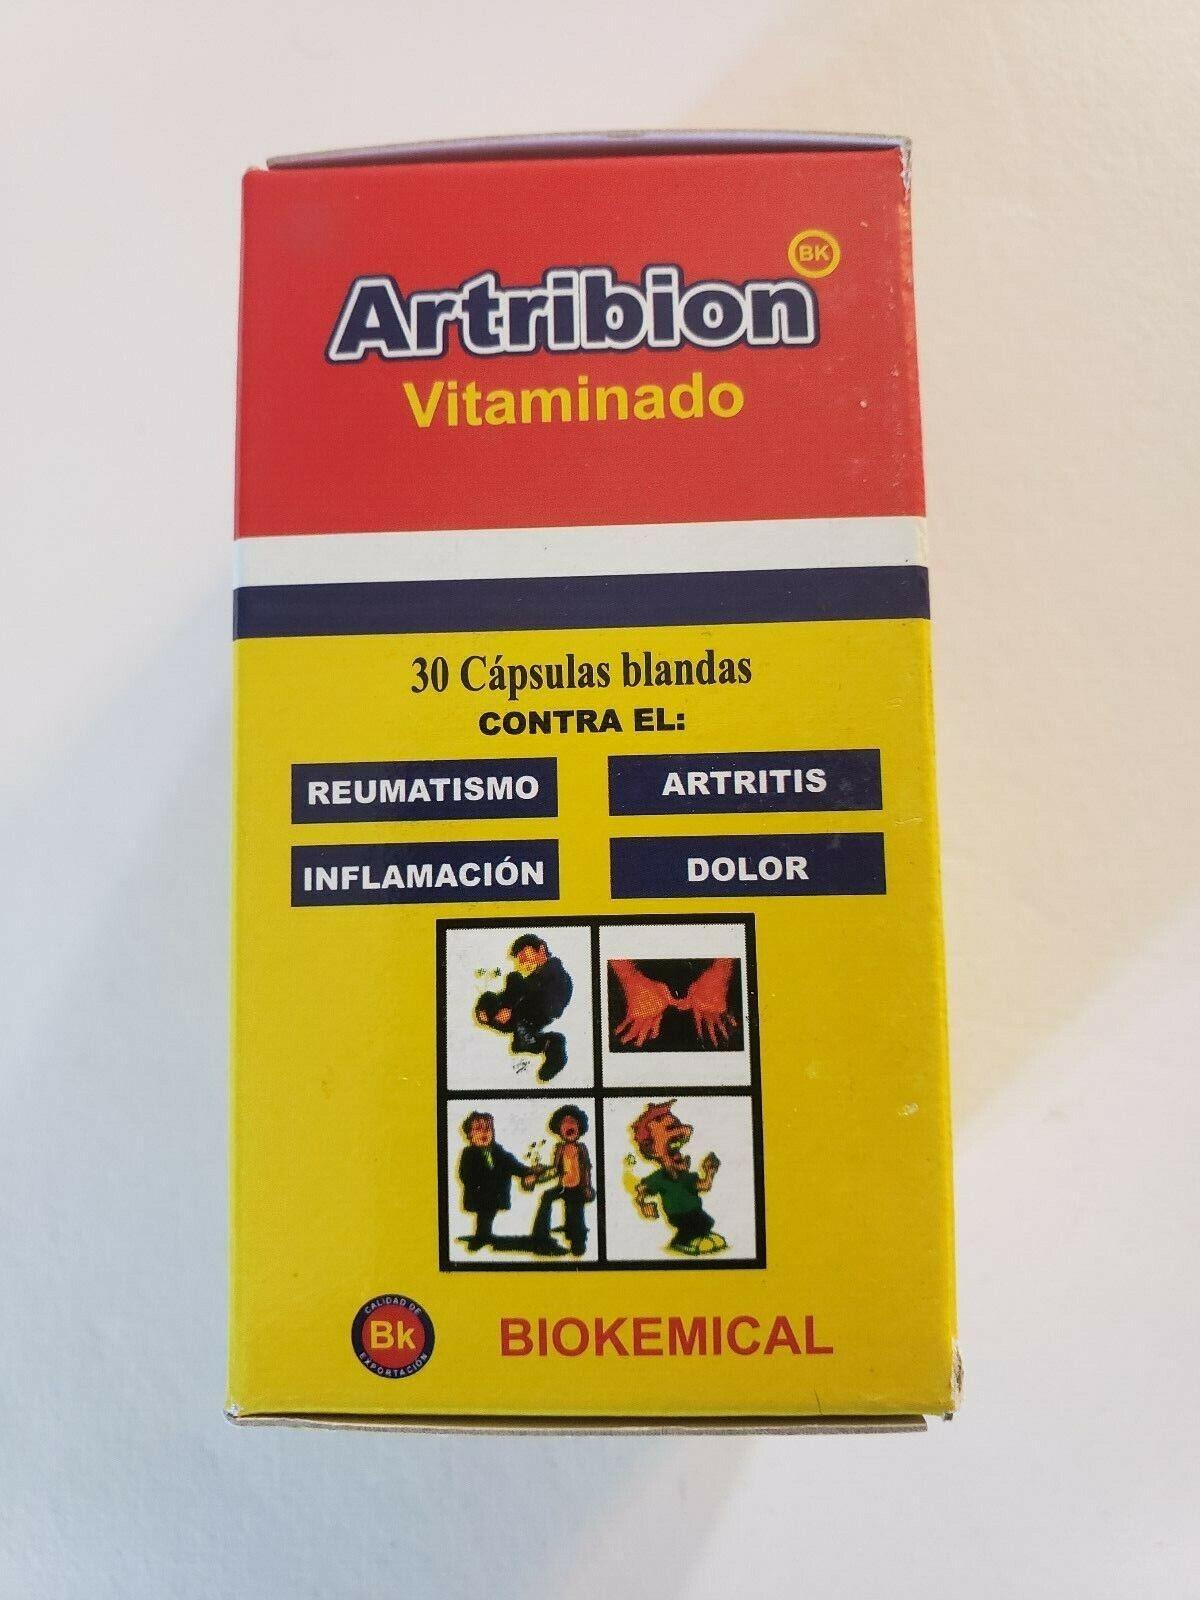 ARTRIBION VITAMINADO 30 CAPSULAS, DOLOR, INFLAMACION / REUMATISMO